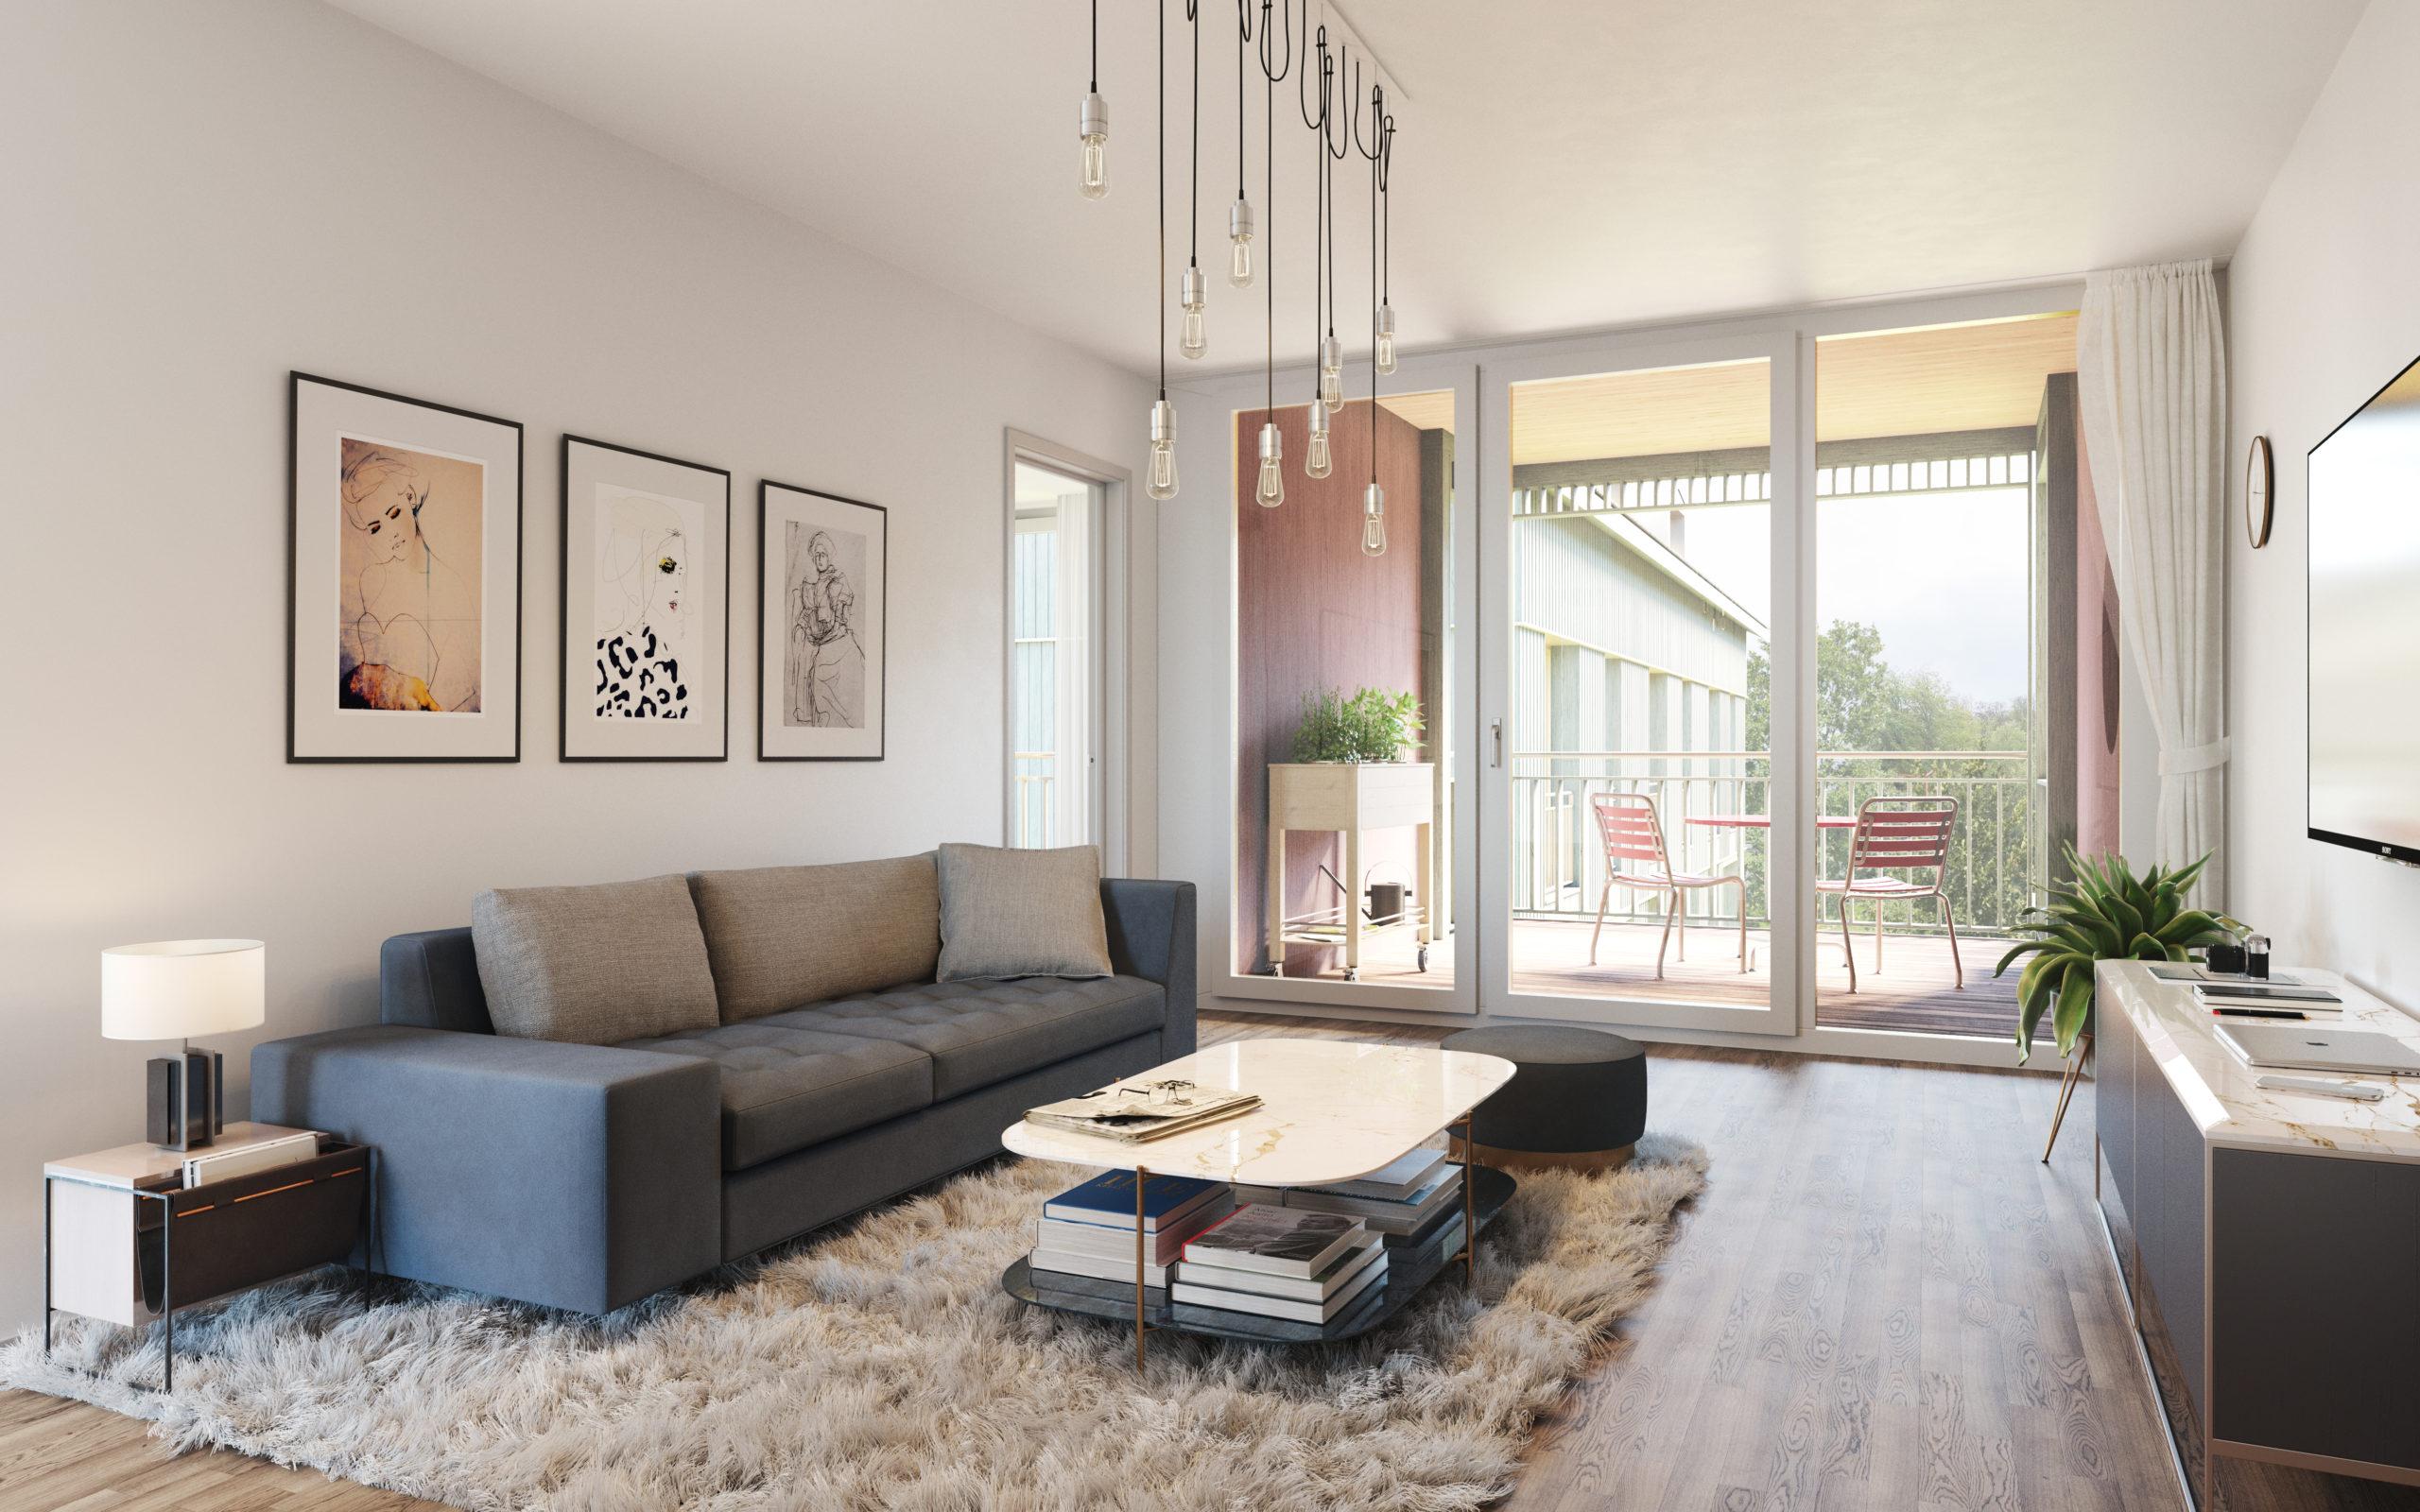 Innenvisualisierung Wohnzimmer 1